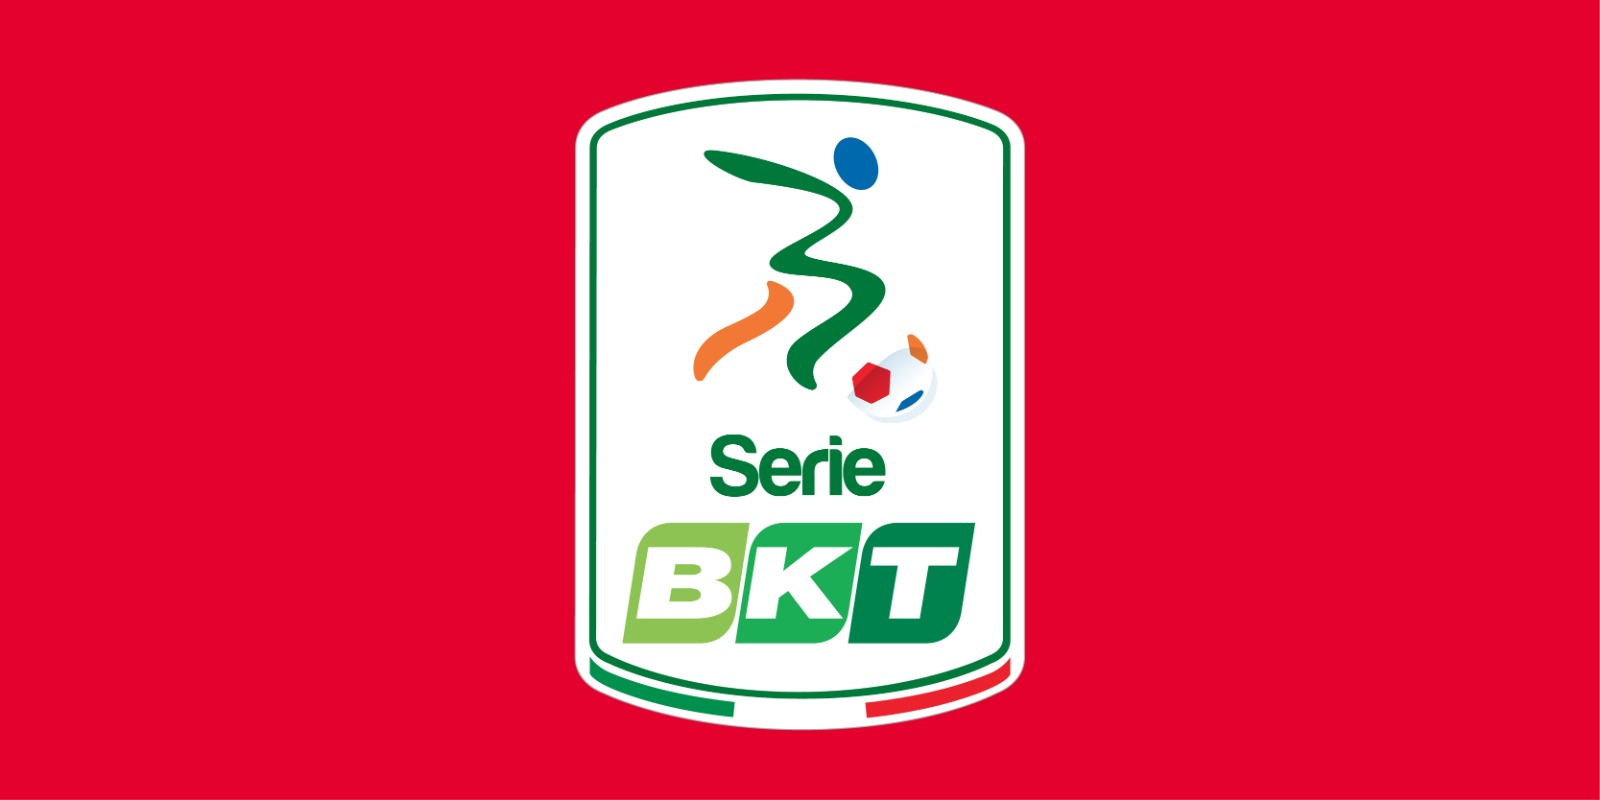 Salernitana-Monza alle 16.05 del 20/04 con Diretta su Rai 2